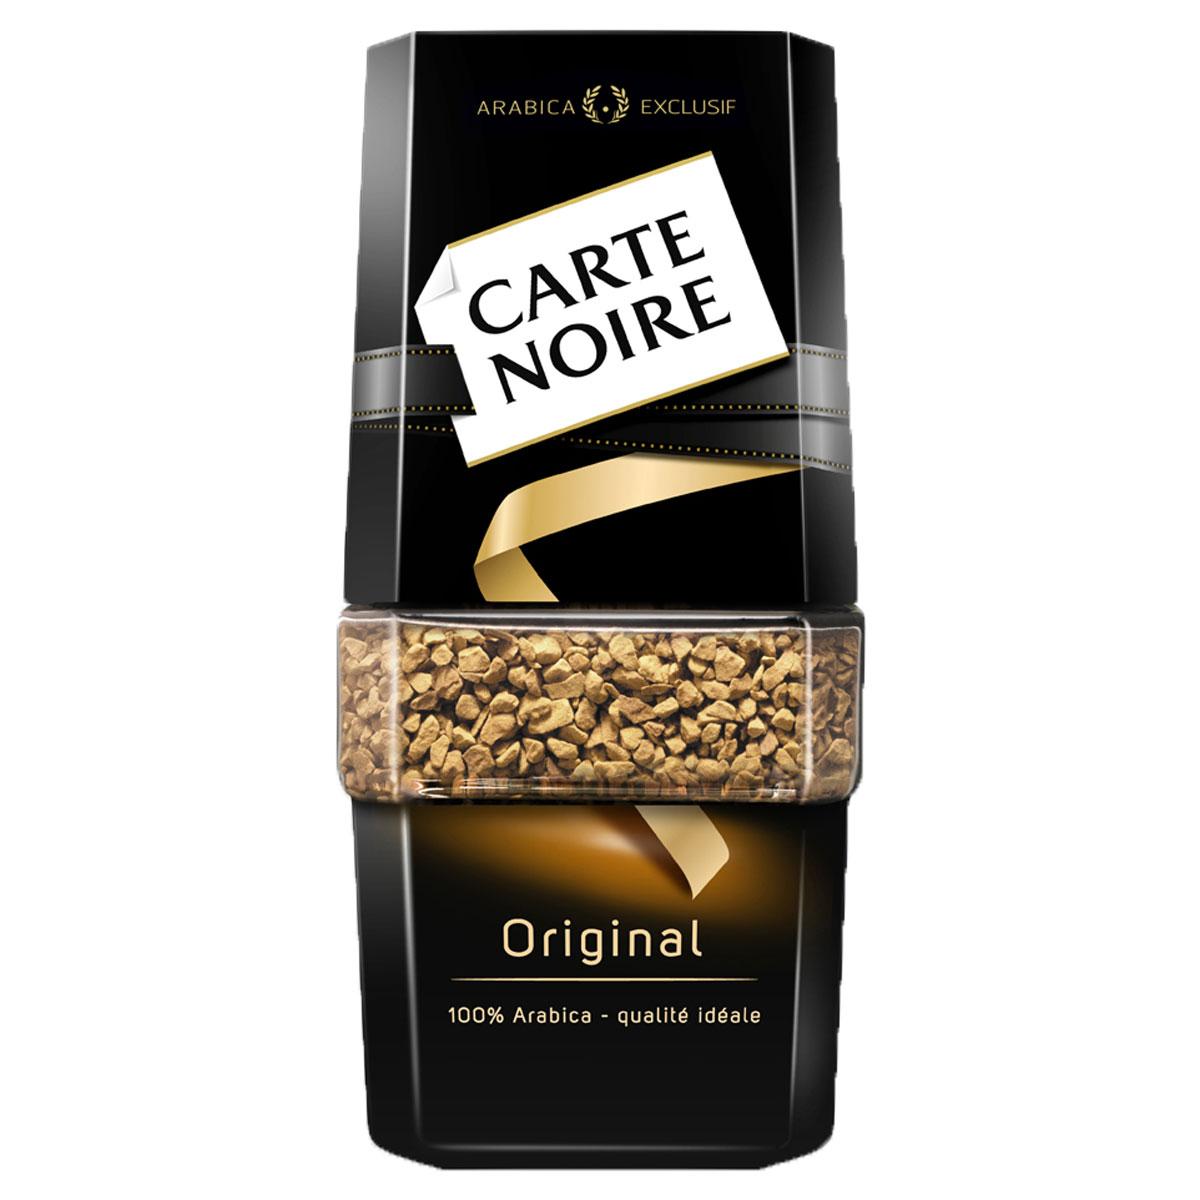 Carte Noire Original кофе растворимый, 47,5 г_1 пачкаДостигнув совершенства в кофейном мастерстве, Carte Noire создал новый стандарт качества кофе. Обжарка Carte Noire Огонь и Лед раскрывает всю интенсивность и богатство вкуса натурального кофейного зерна.Так же как лед украшает пламя, холодный поток останавливает обжарку на самом пике, чтобы создать совершенный насыщенный кофе. В этом столкновении контрастов рождается исключительность Carte Noire -его безупречный насыщенный вкус и непревзойденное качество.Для создания нового вкуса совершенного французского кофе Carte Noire используются высококачественные кофейные зерна 100% Arabica Exclusif.